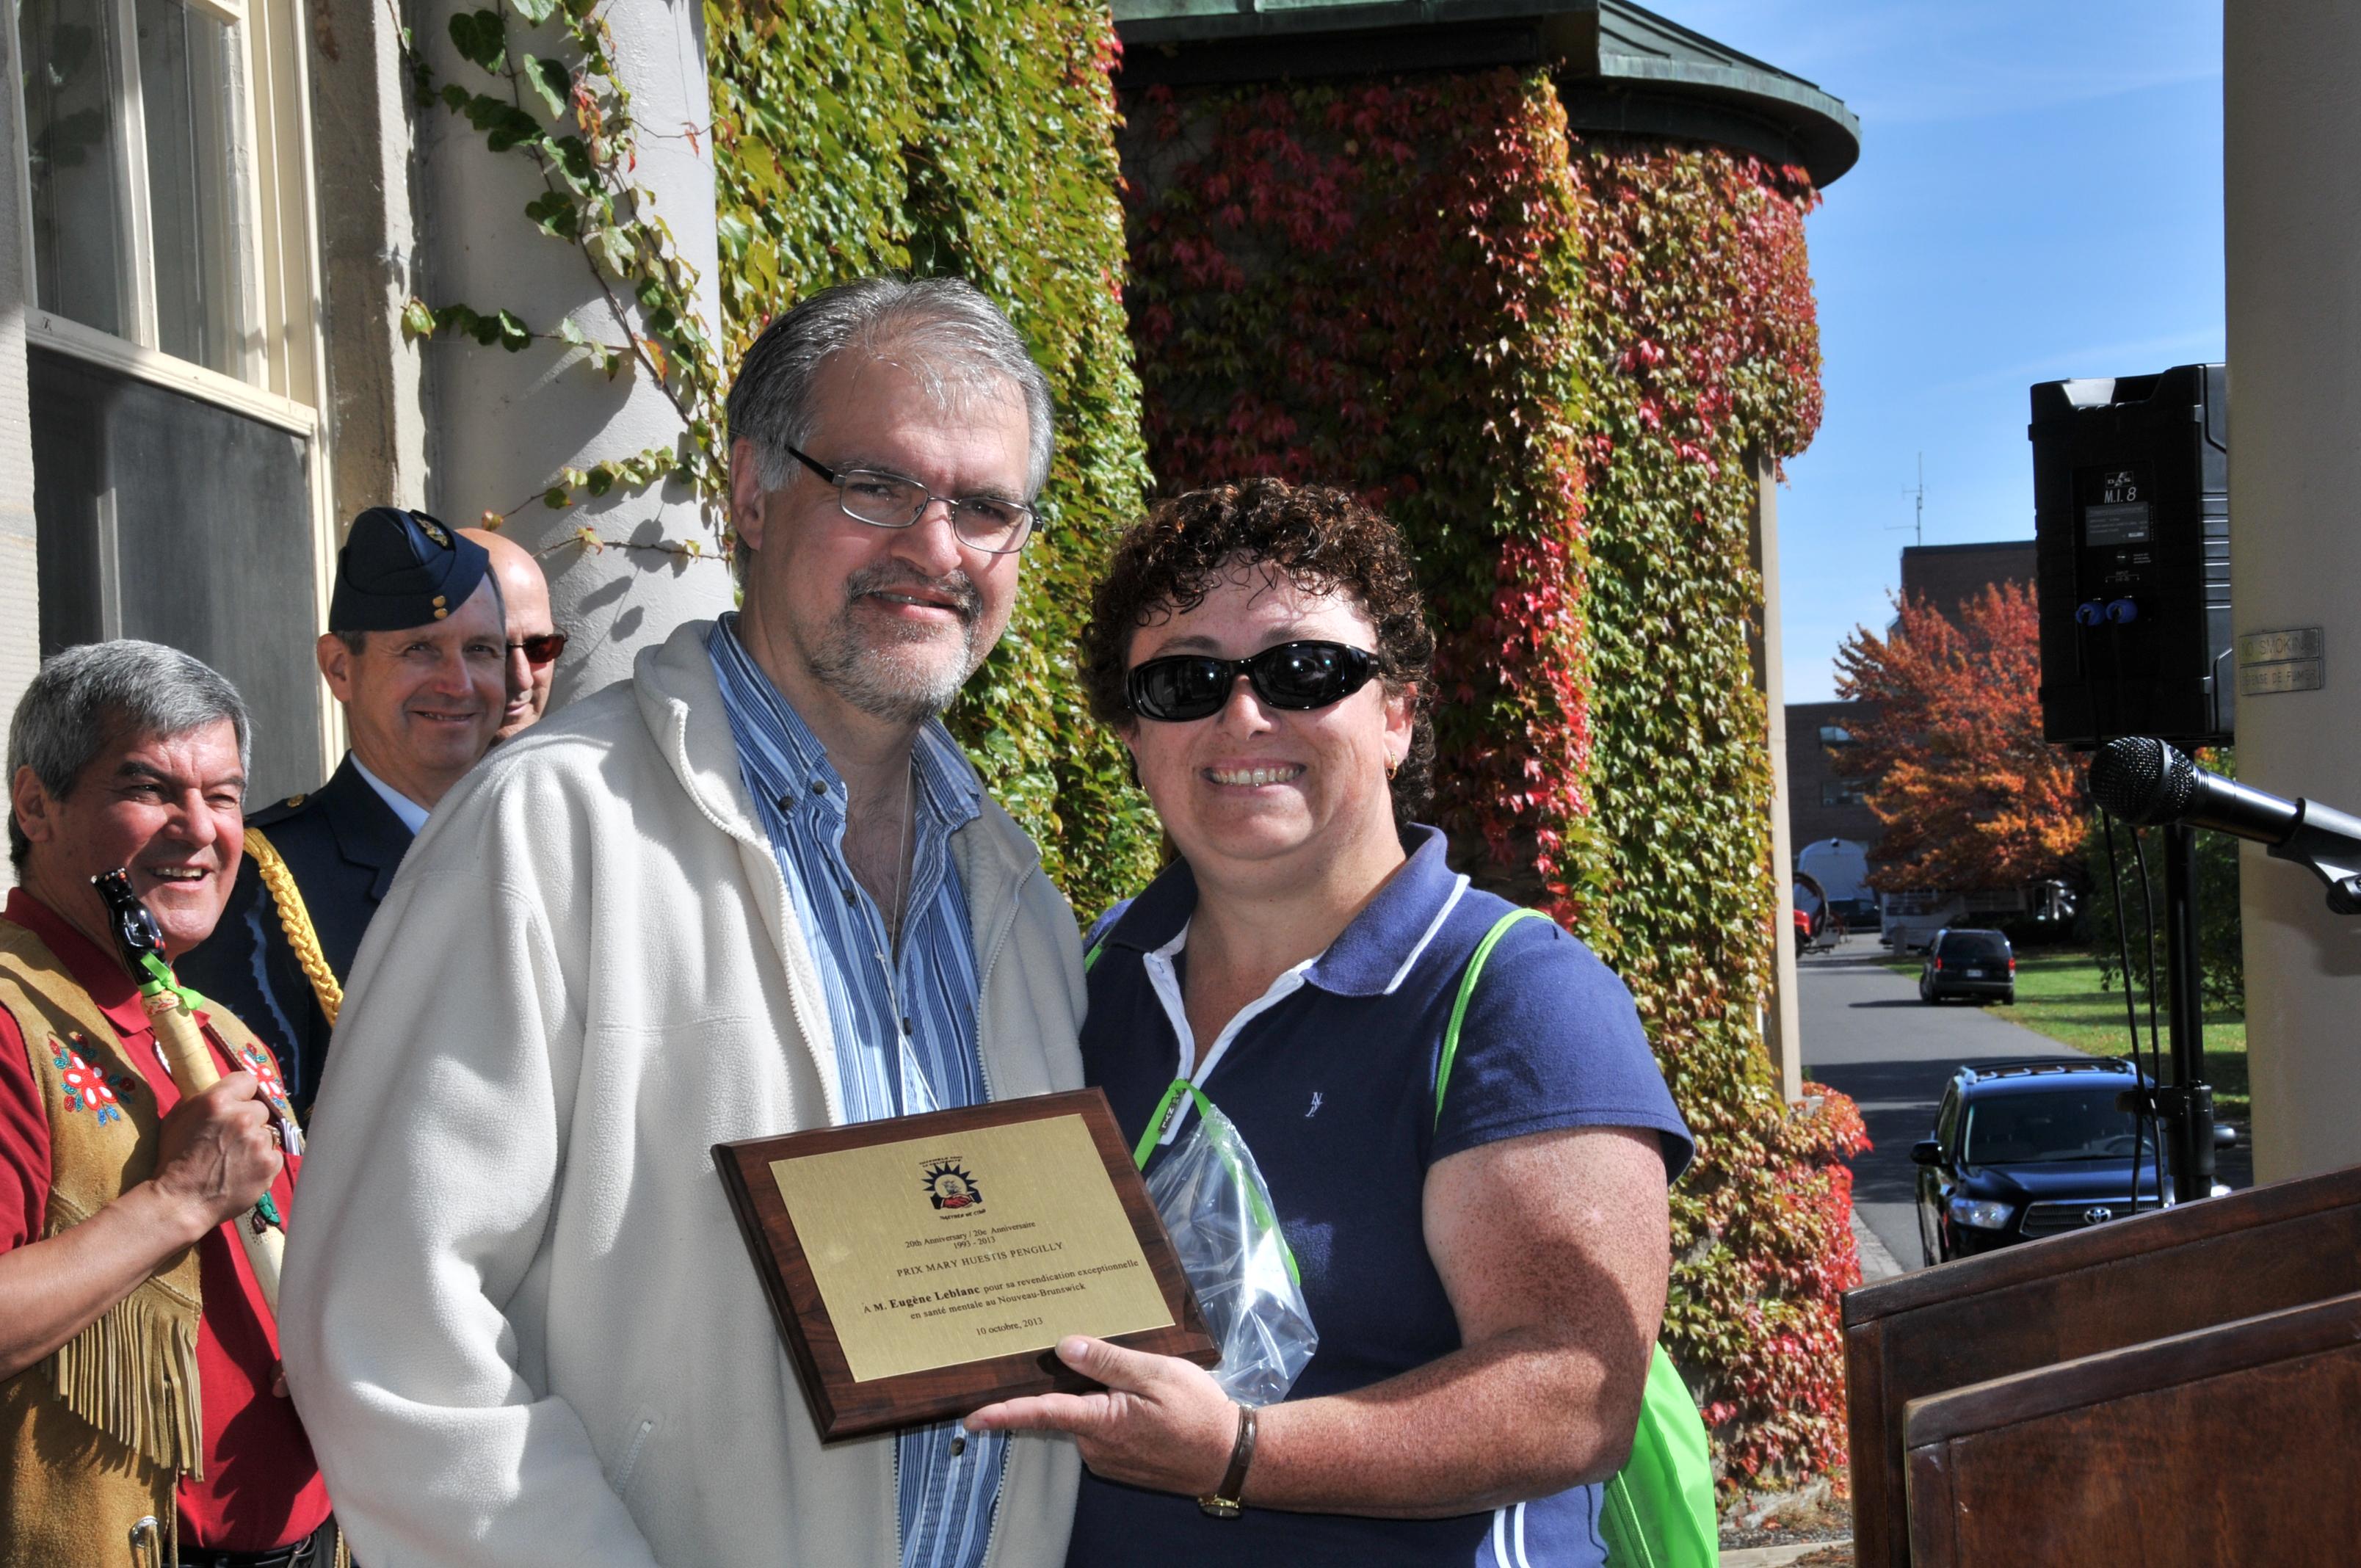 Un homme et une femme tiennent une plaque honorifique devant la façade d'un immeuble